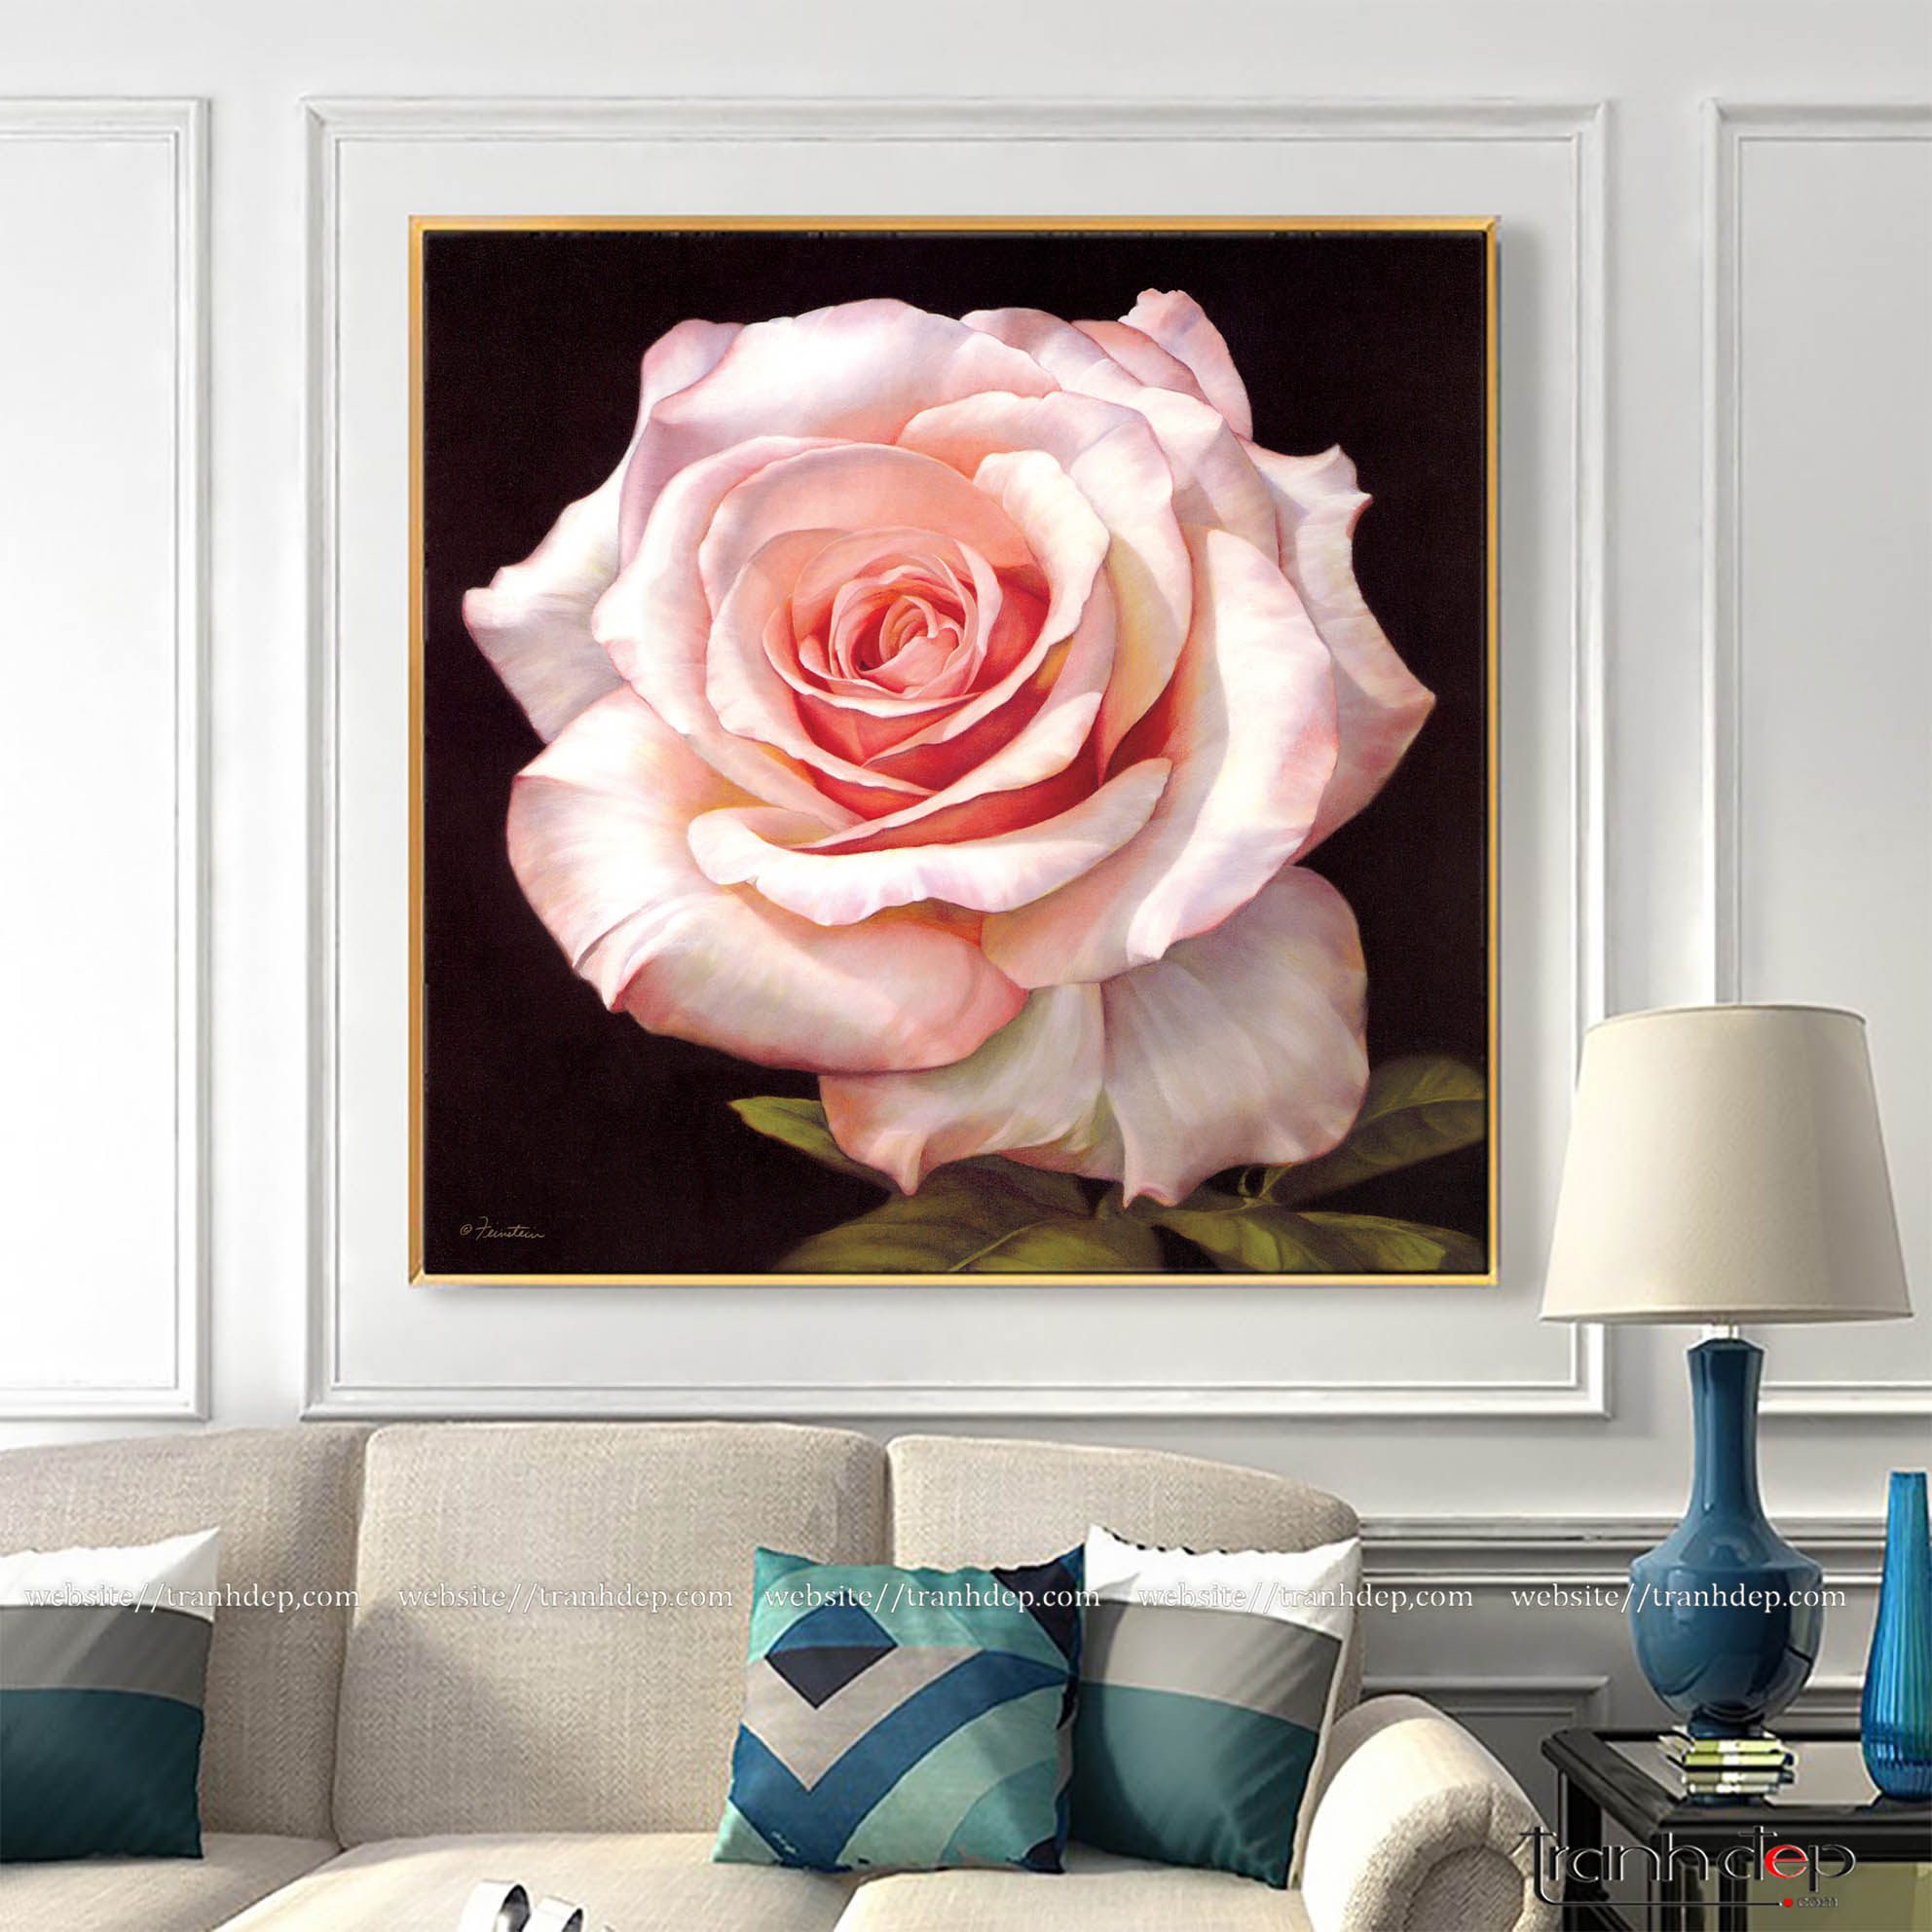 tranh hoa hồng phấn đẹp